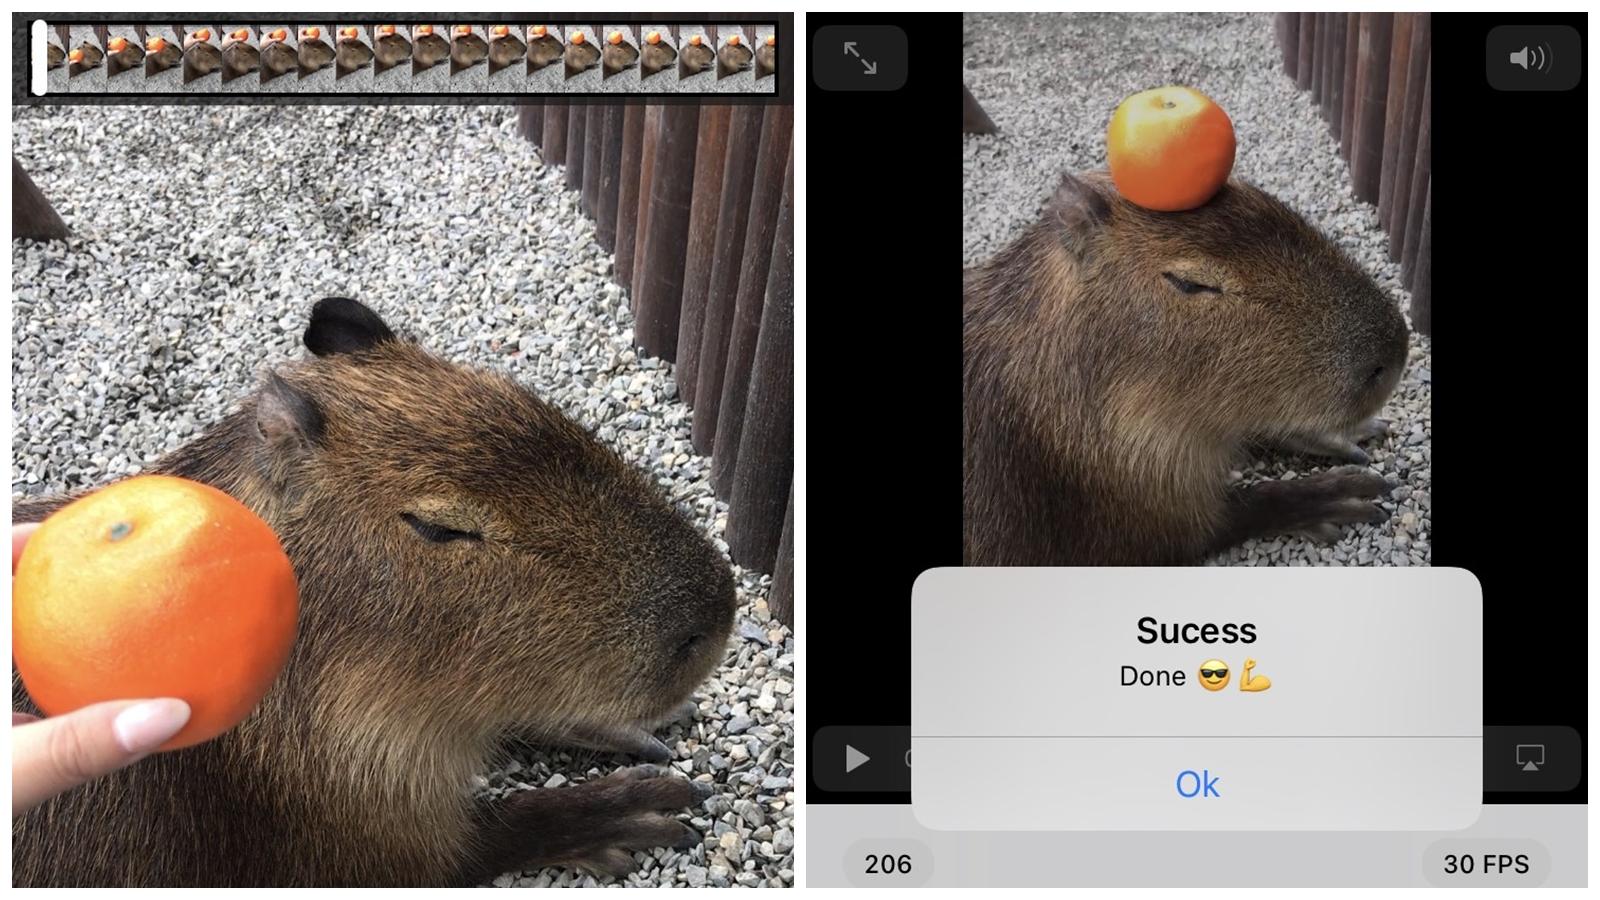 【手機專知】iPhone如何從影片截取高畫質照片?教你用方法搞定!